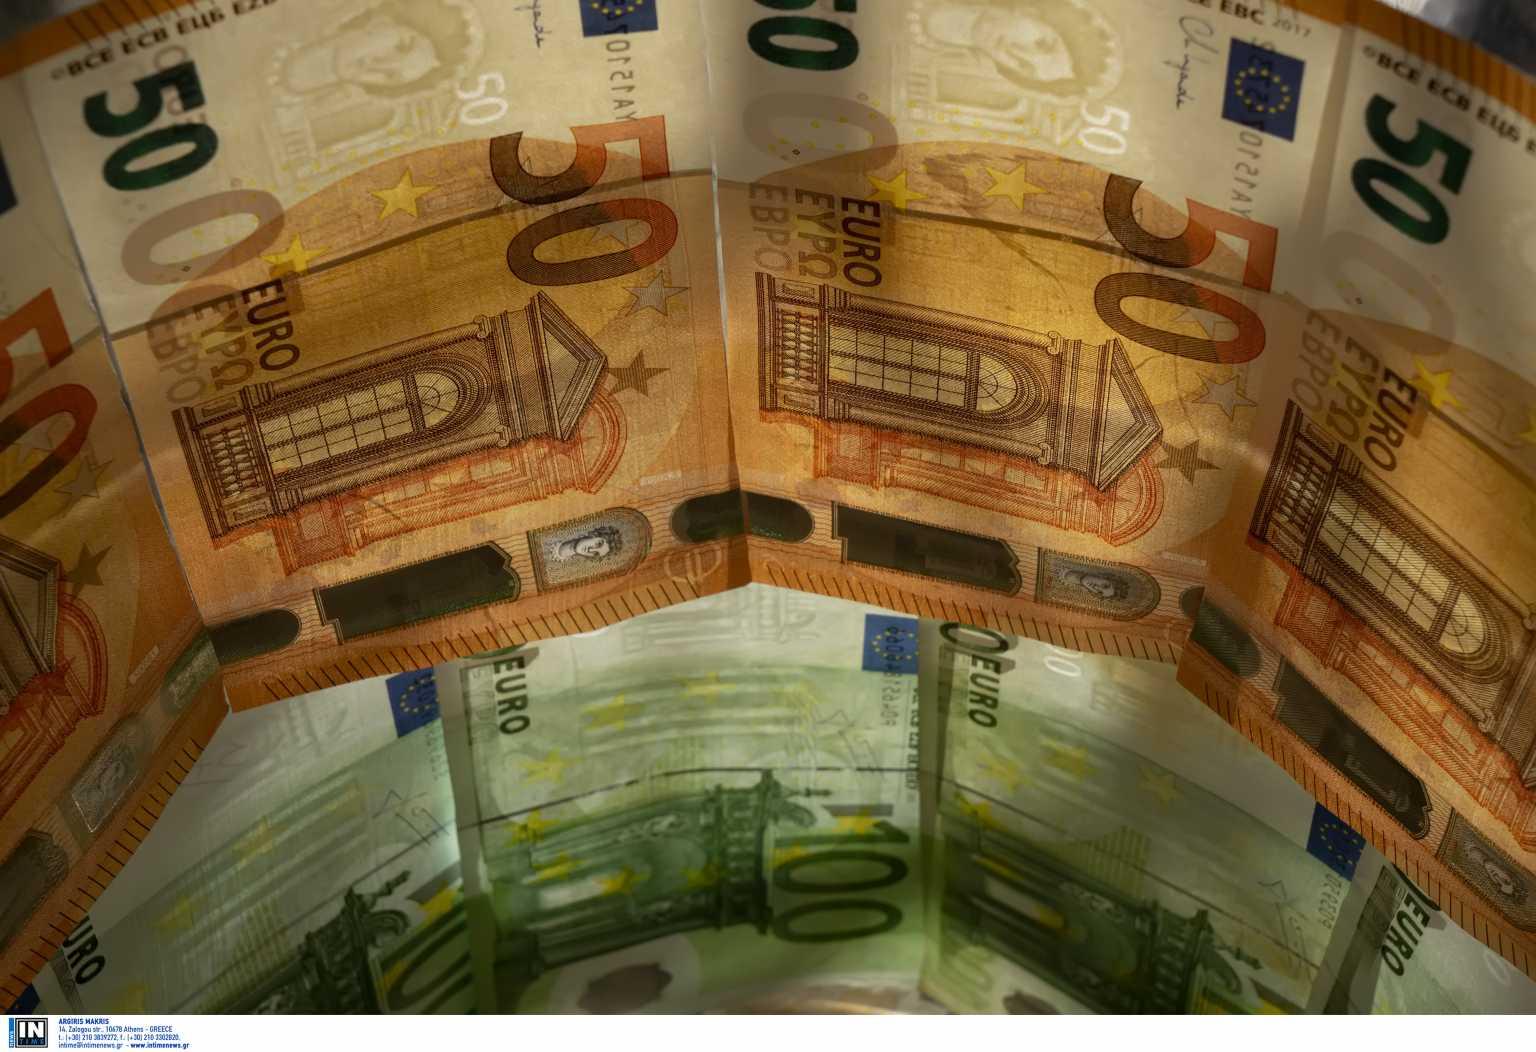 ΟΠΕΚΕΠΕ: 19 εκατ. ευρώ στους λογαριασμούς των δικαιούχων για τις ζημιές της πανδημίας